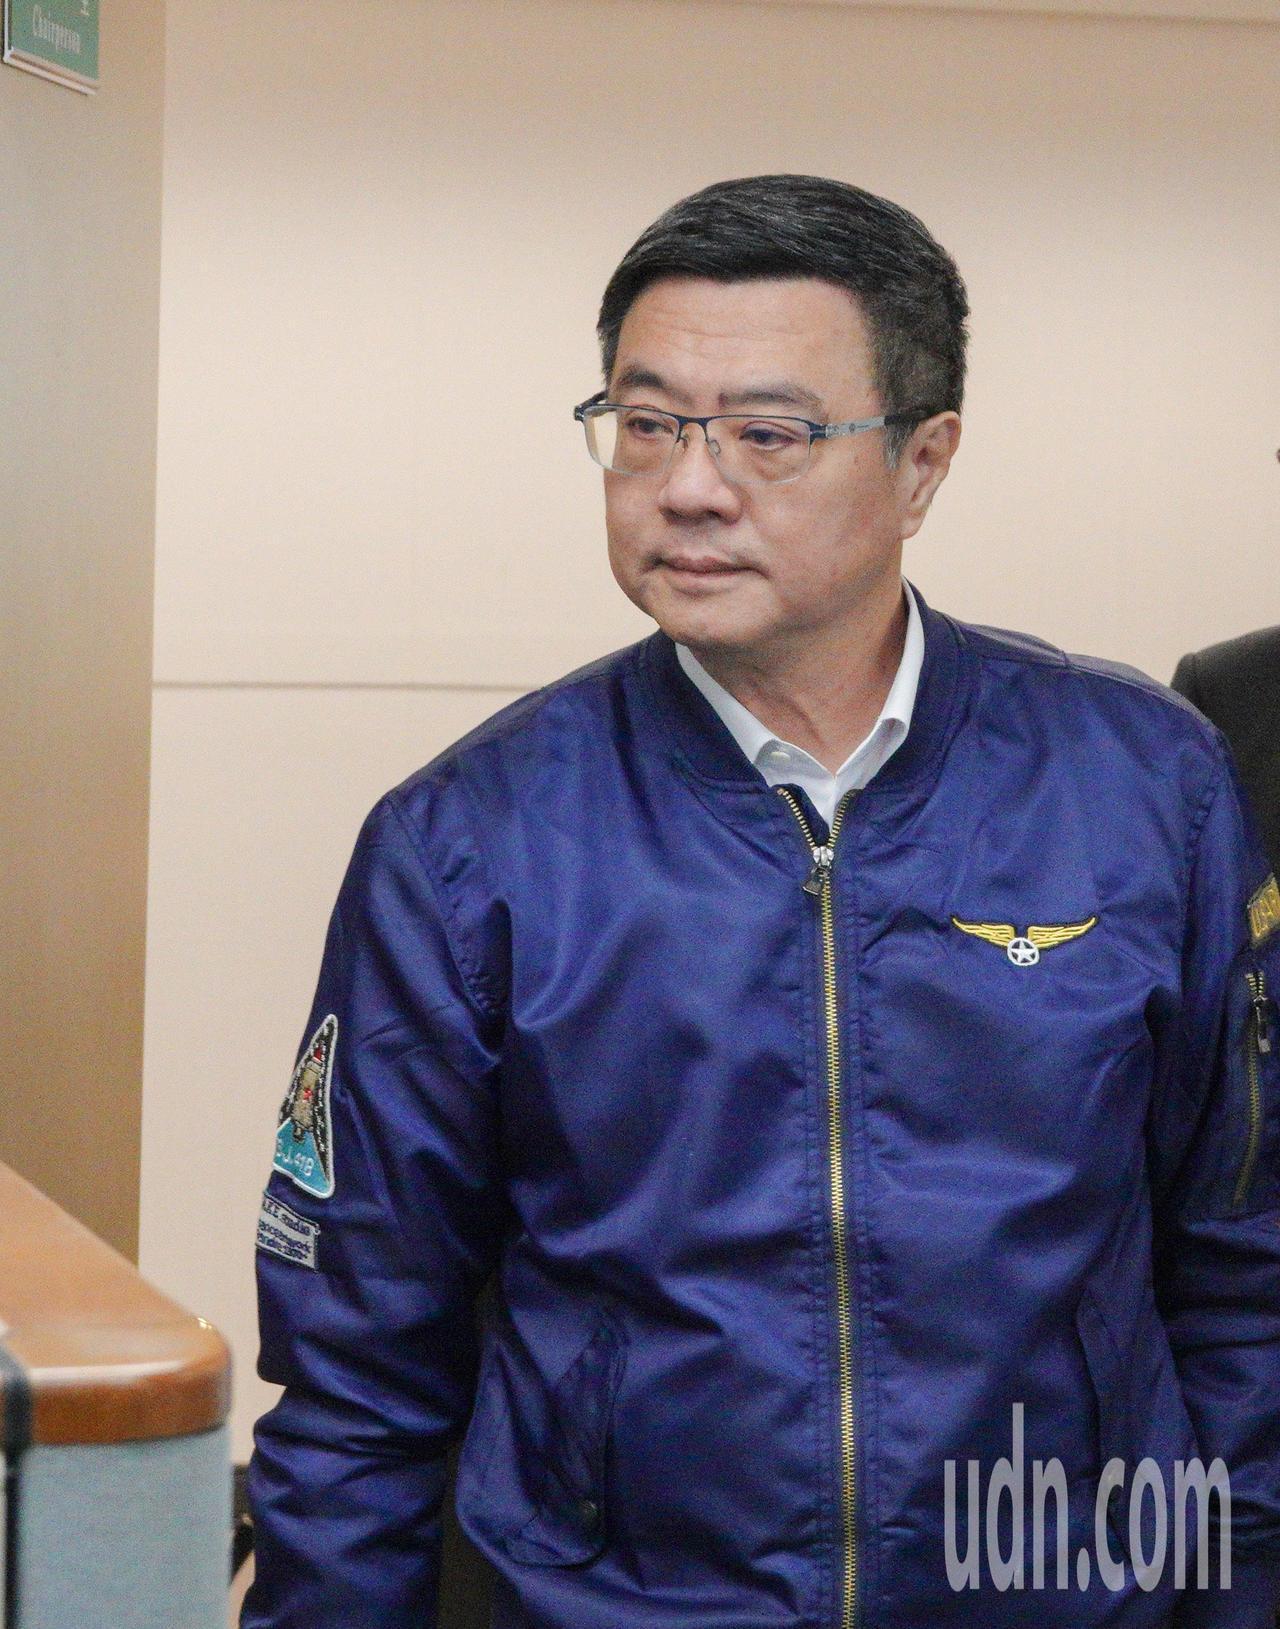 民進黨黨內總統初選合作瀕臨破局,民進黨主席卓榮泰針對媒體回應。記者陳柏亨/攝影